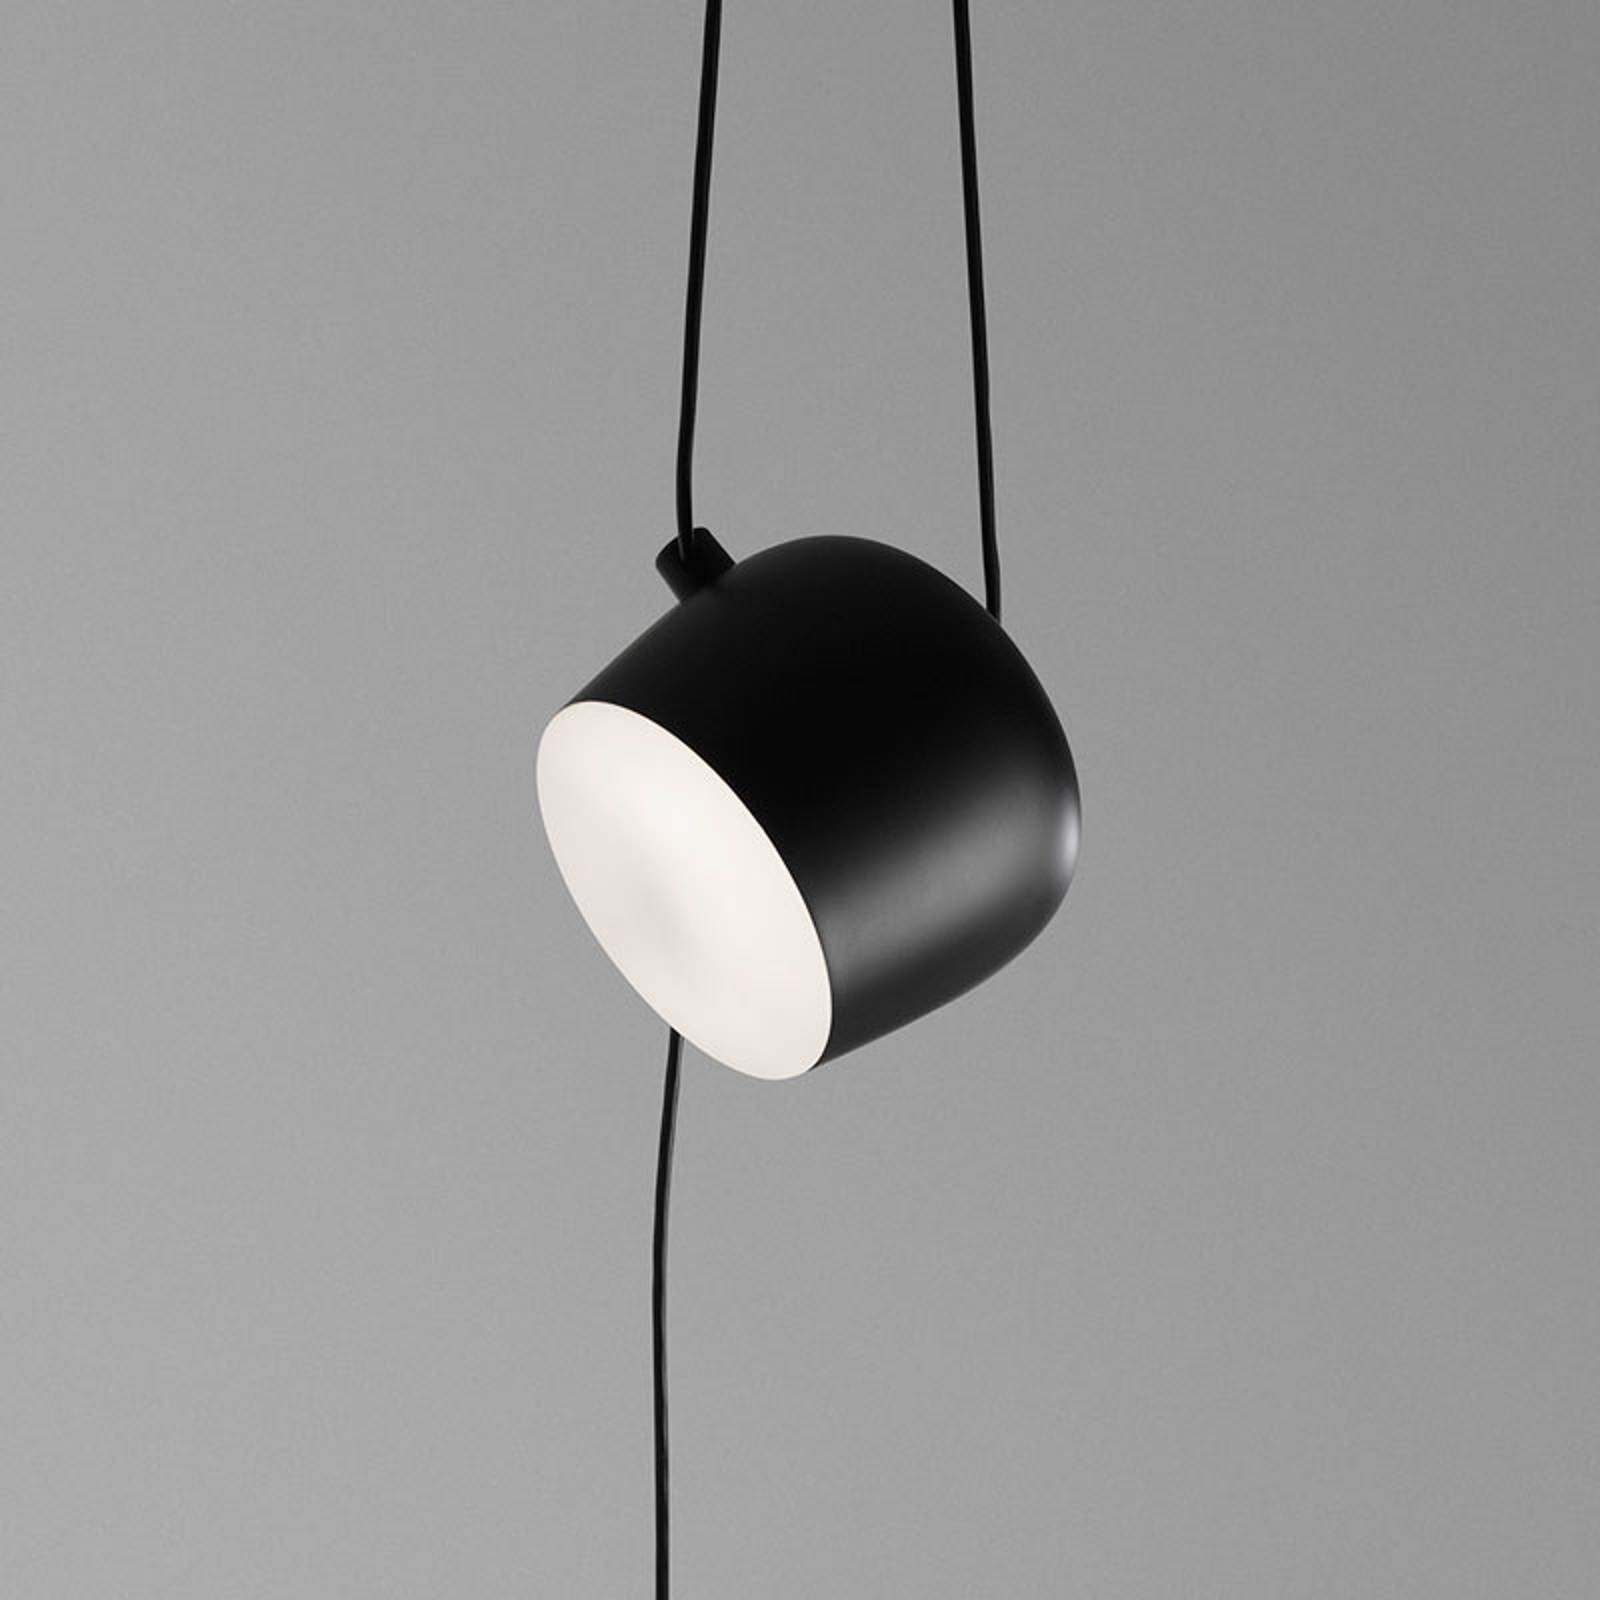 FLOS Aim Small Hängelampe mit Stecker, schwarz